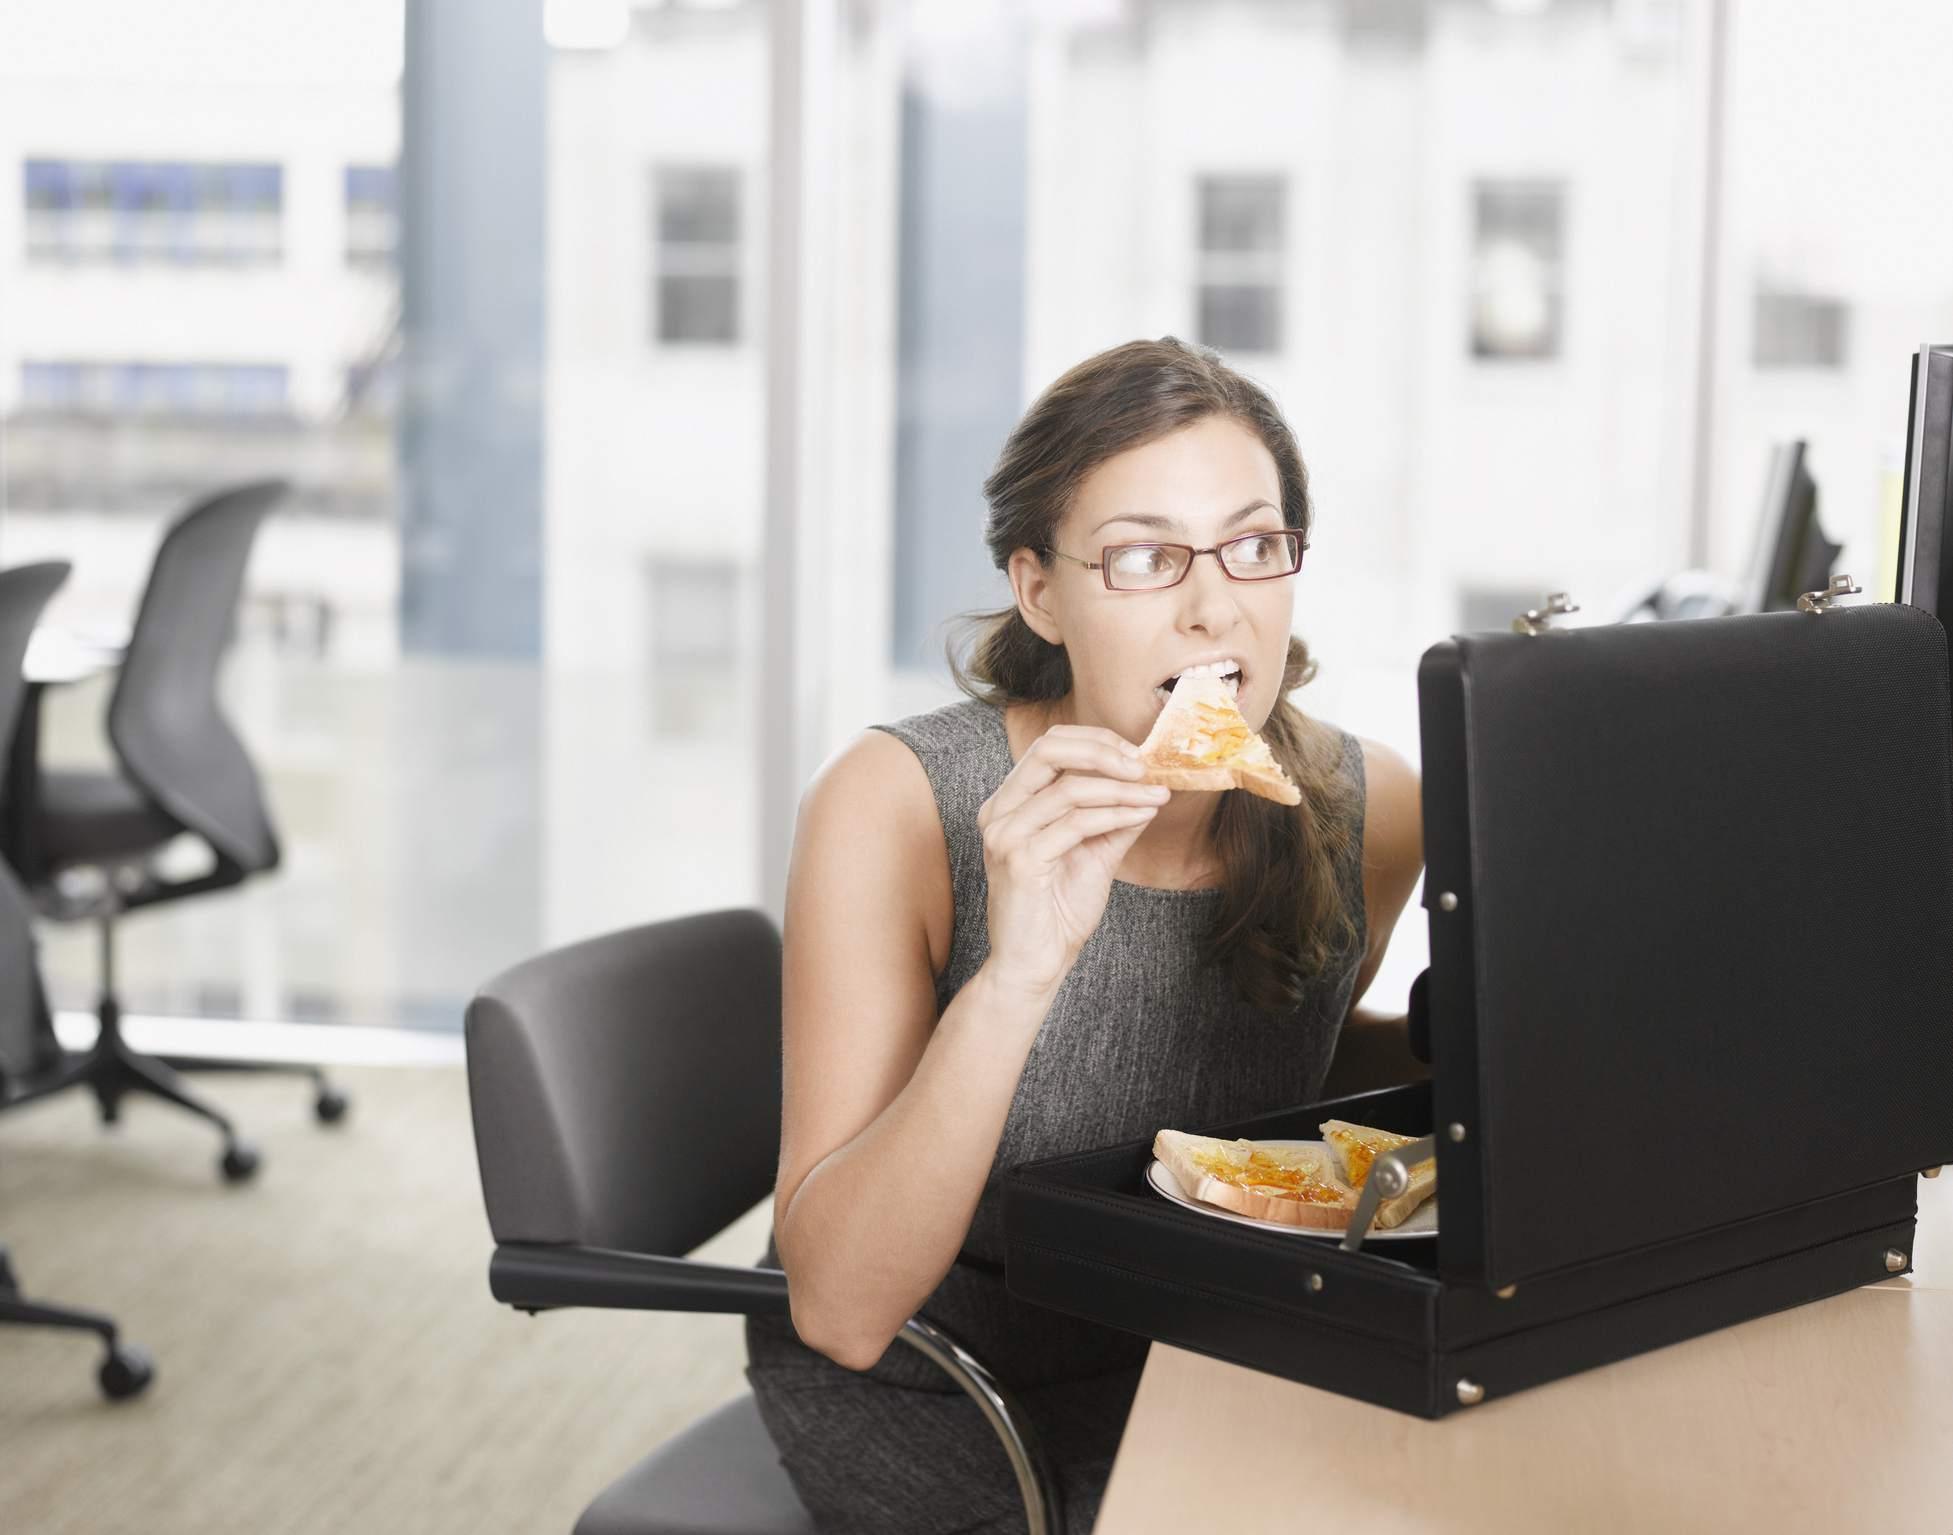 mujer comiendo pizza de maletín